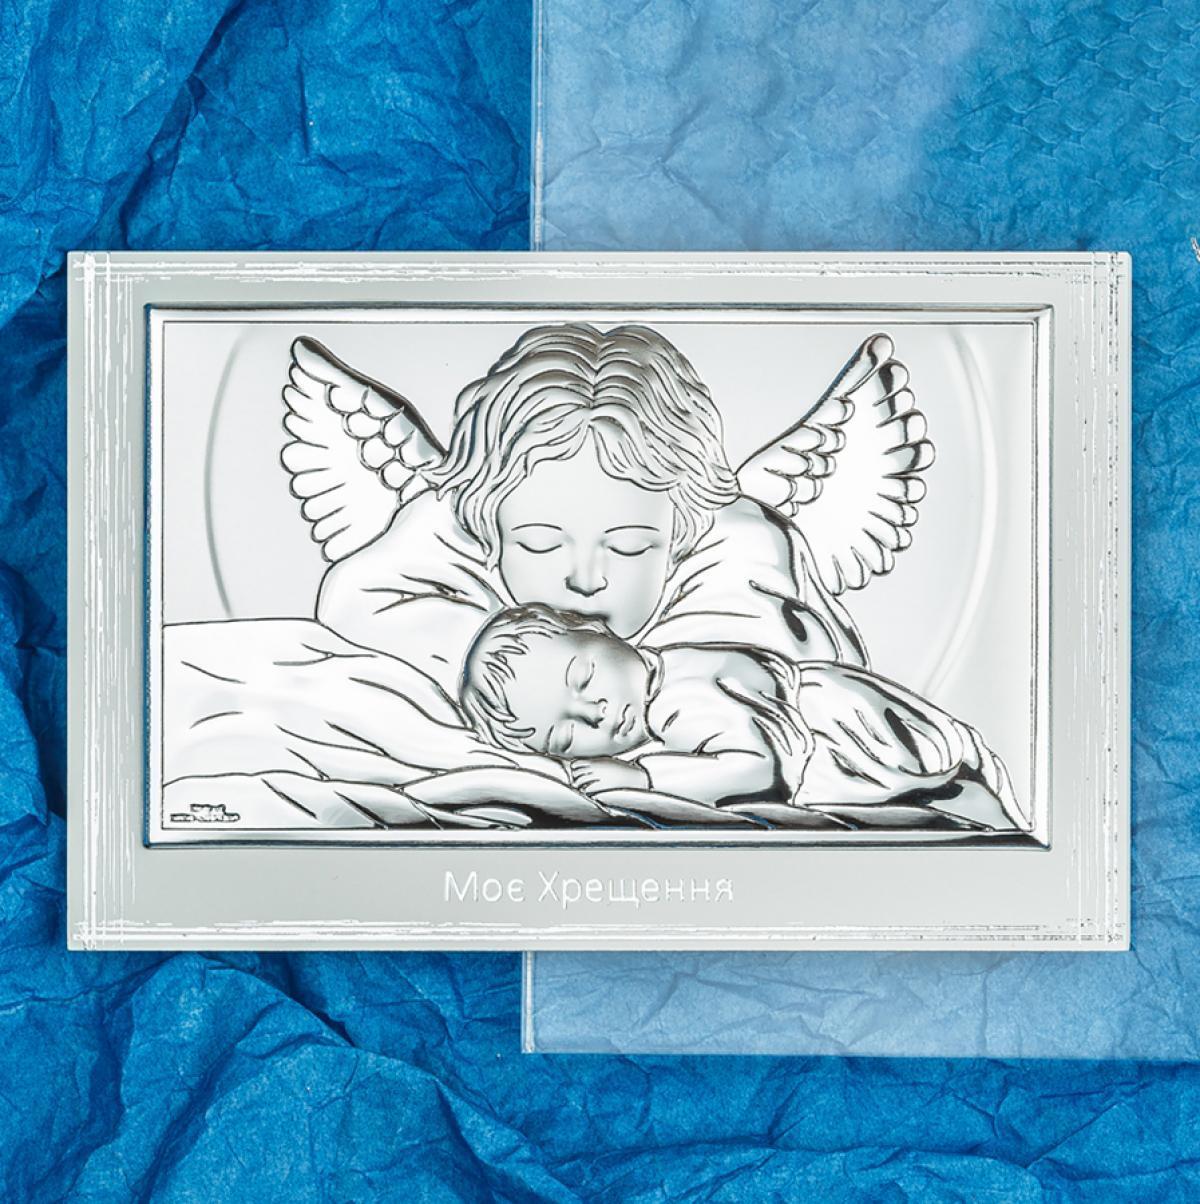 Срібна ікона ``Моє хрещення`` 11.5х17.5см AR 81314/4L